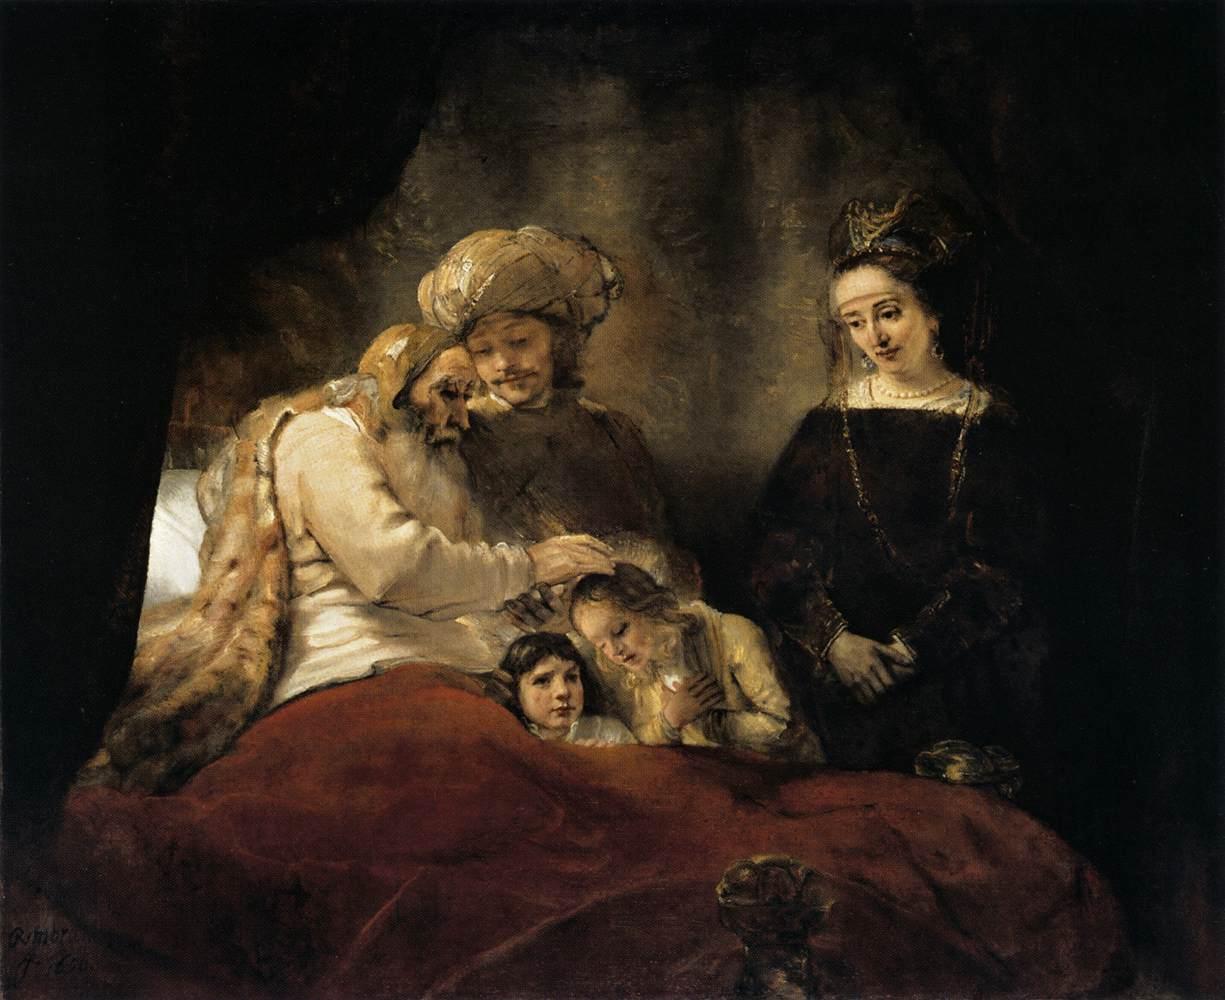 יעקב מברך את אפרים ומנשה - רמברנדט